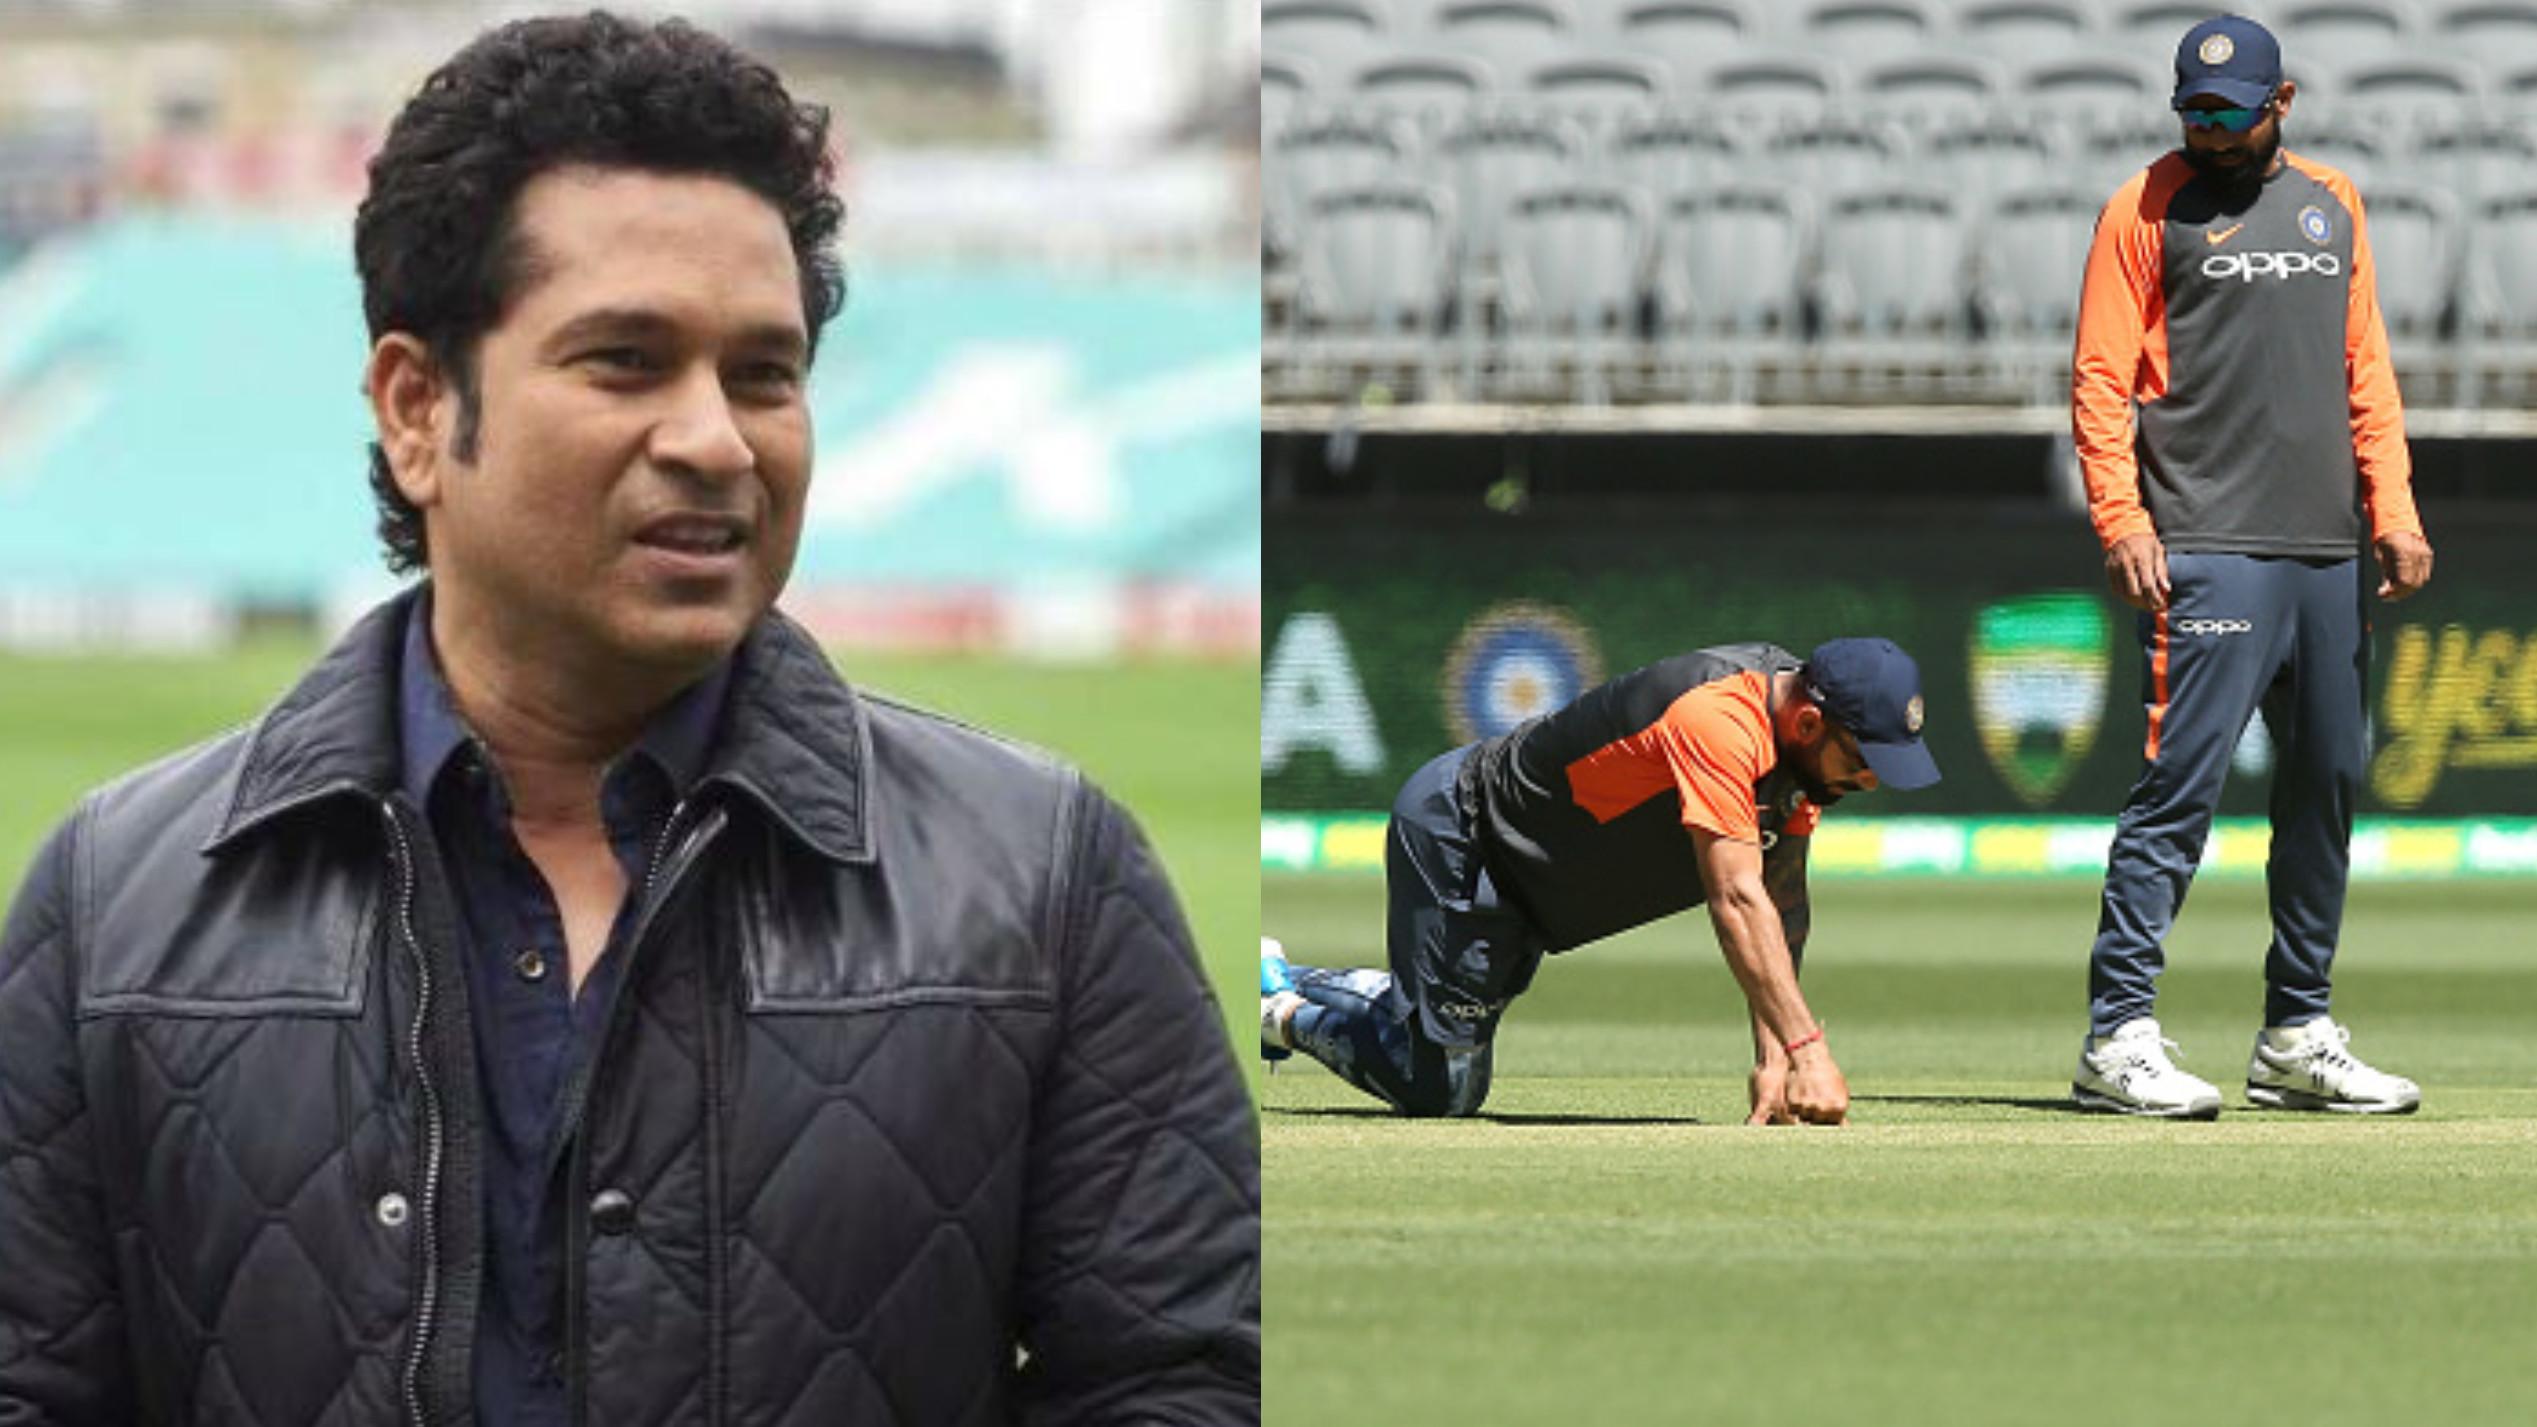 AUS v IND 2018-19 : सचिन तेंदुलकर के अनुसार ऑस्ट्रेलियाई क्रिकेट पिचों में आया है बदलाव